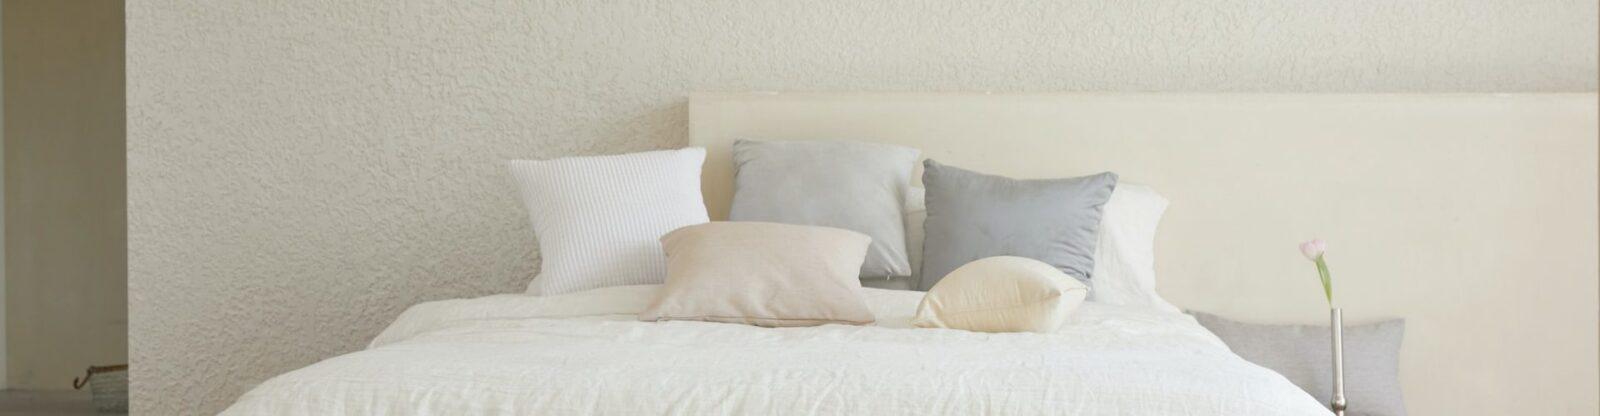 Как почистить подушку в домашних условиях? - Greencleaning.by